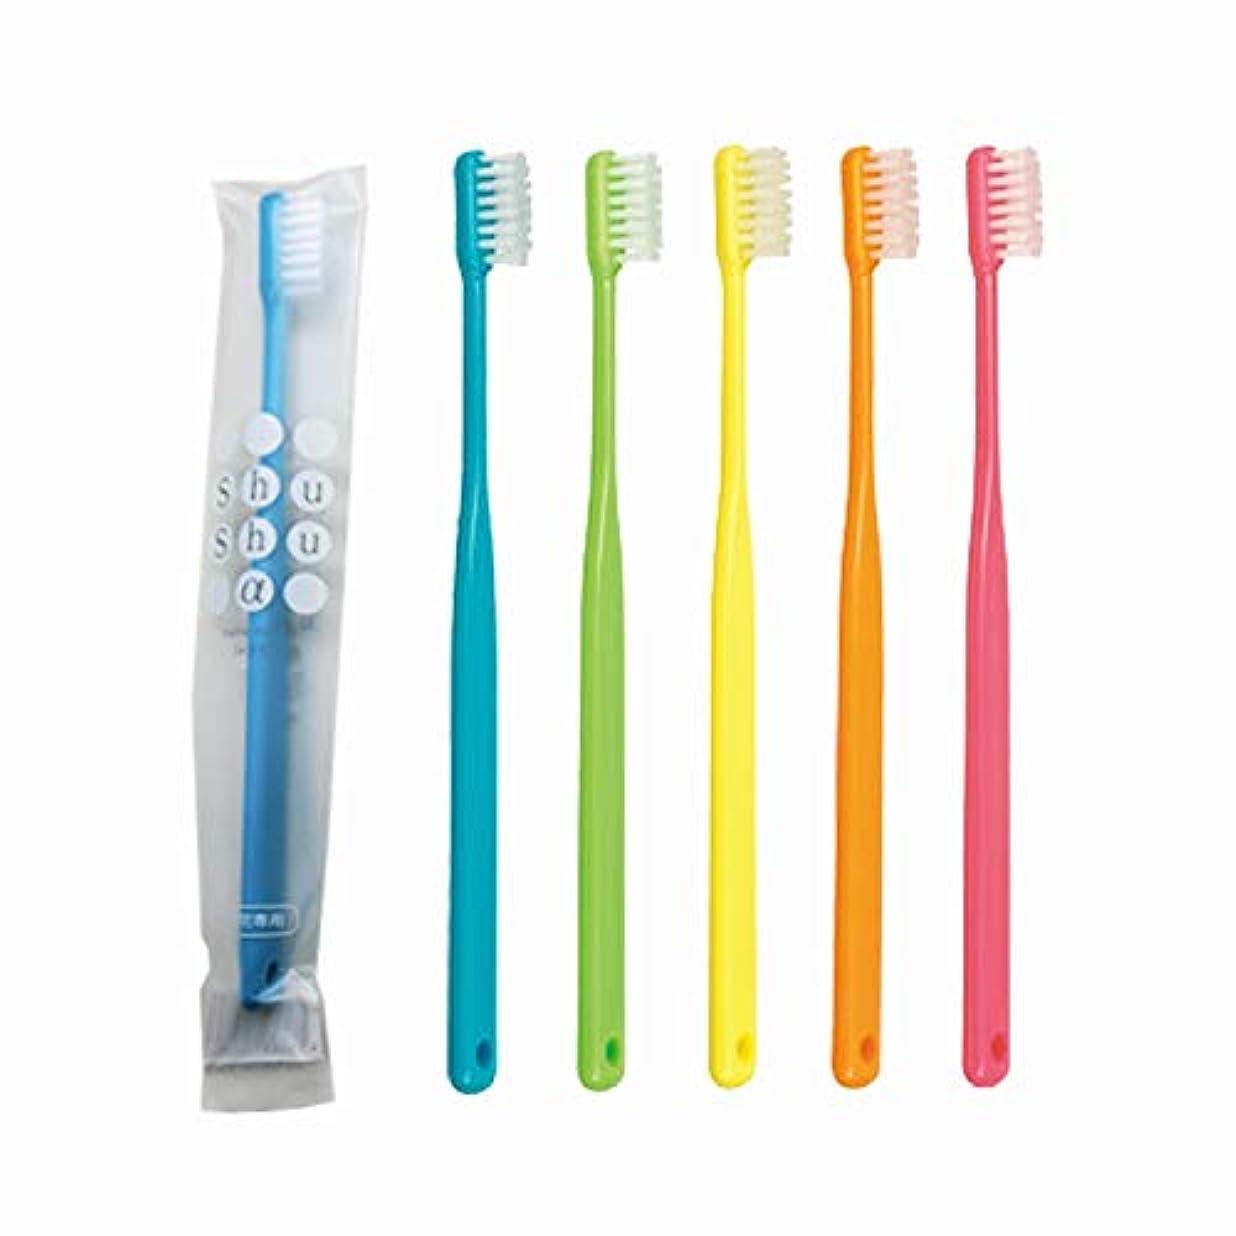 味方離れて繁雑歯科専売品 大人用歯ブラシ FEED Shu Shu α(シュシュアルファ)×10本 S (やわらかめ)